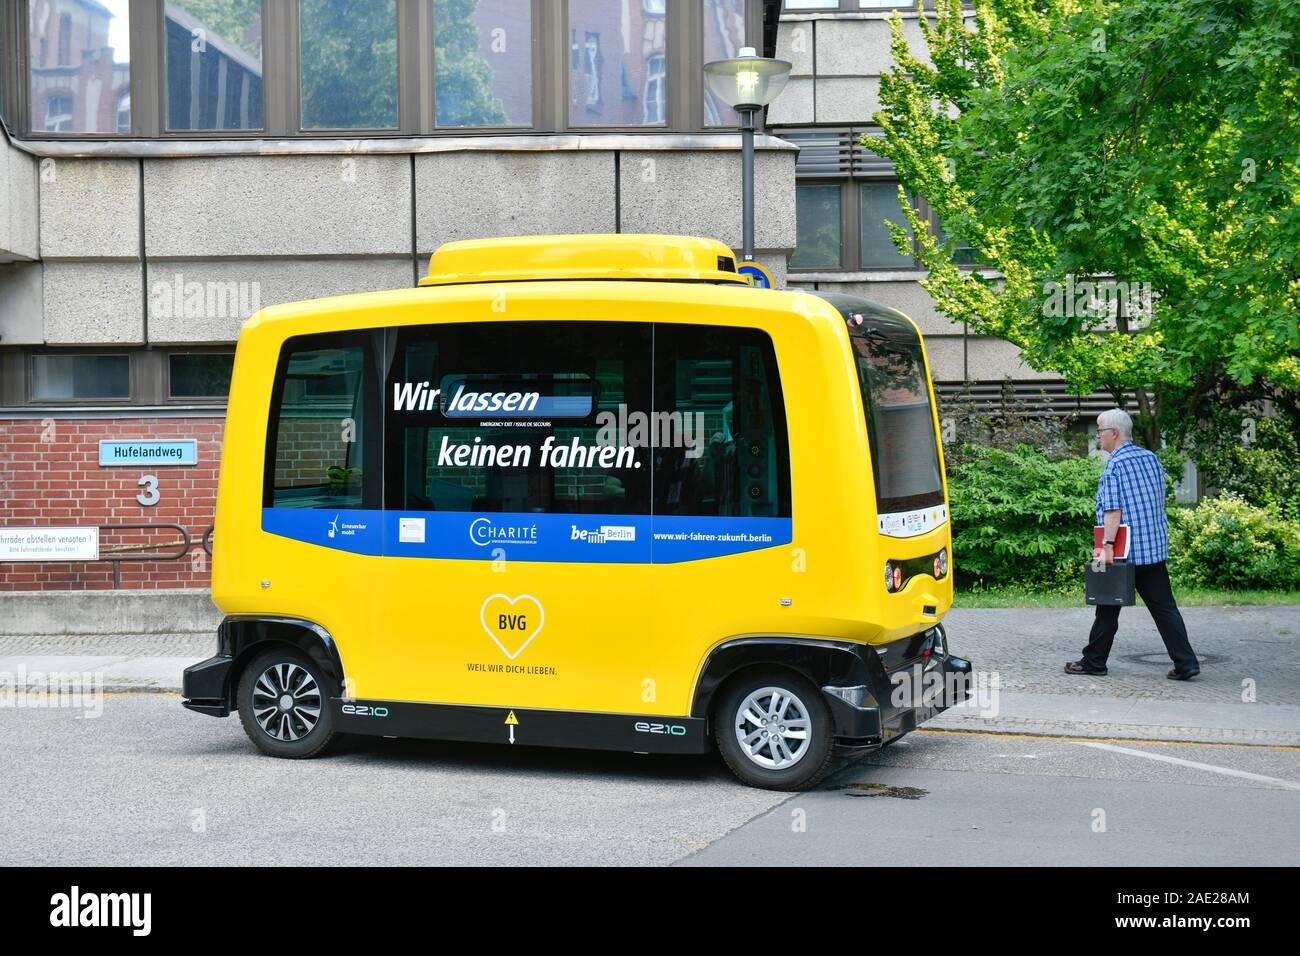 Autonomer Minibus der BVG, Charite, Luisenstraße, Mitte, Berlin, Deutschland Stockfoto